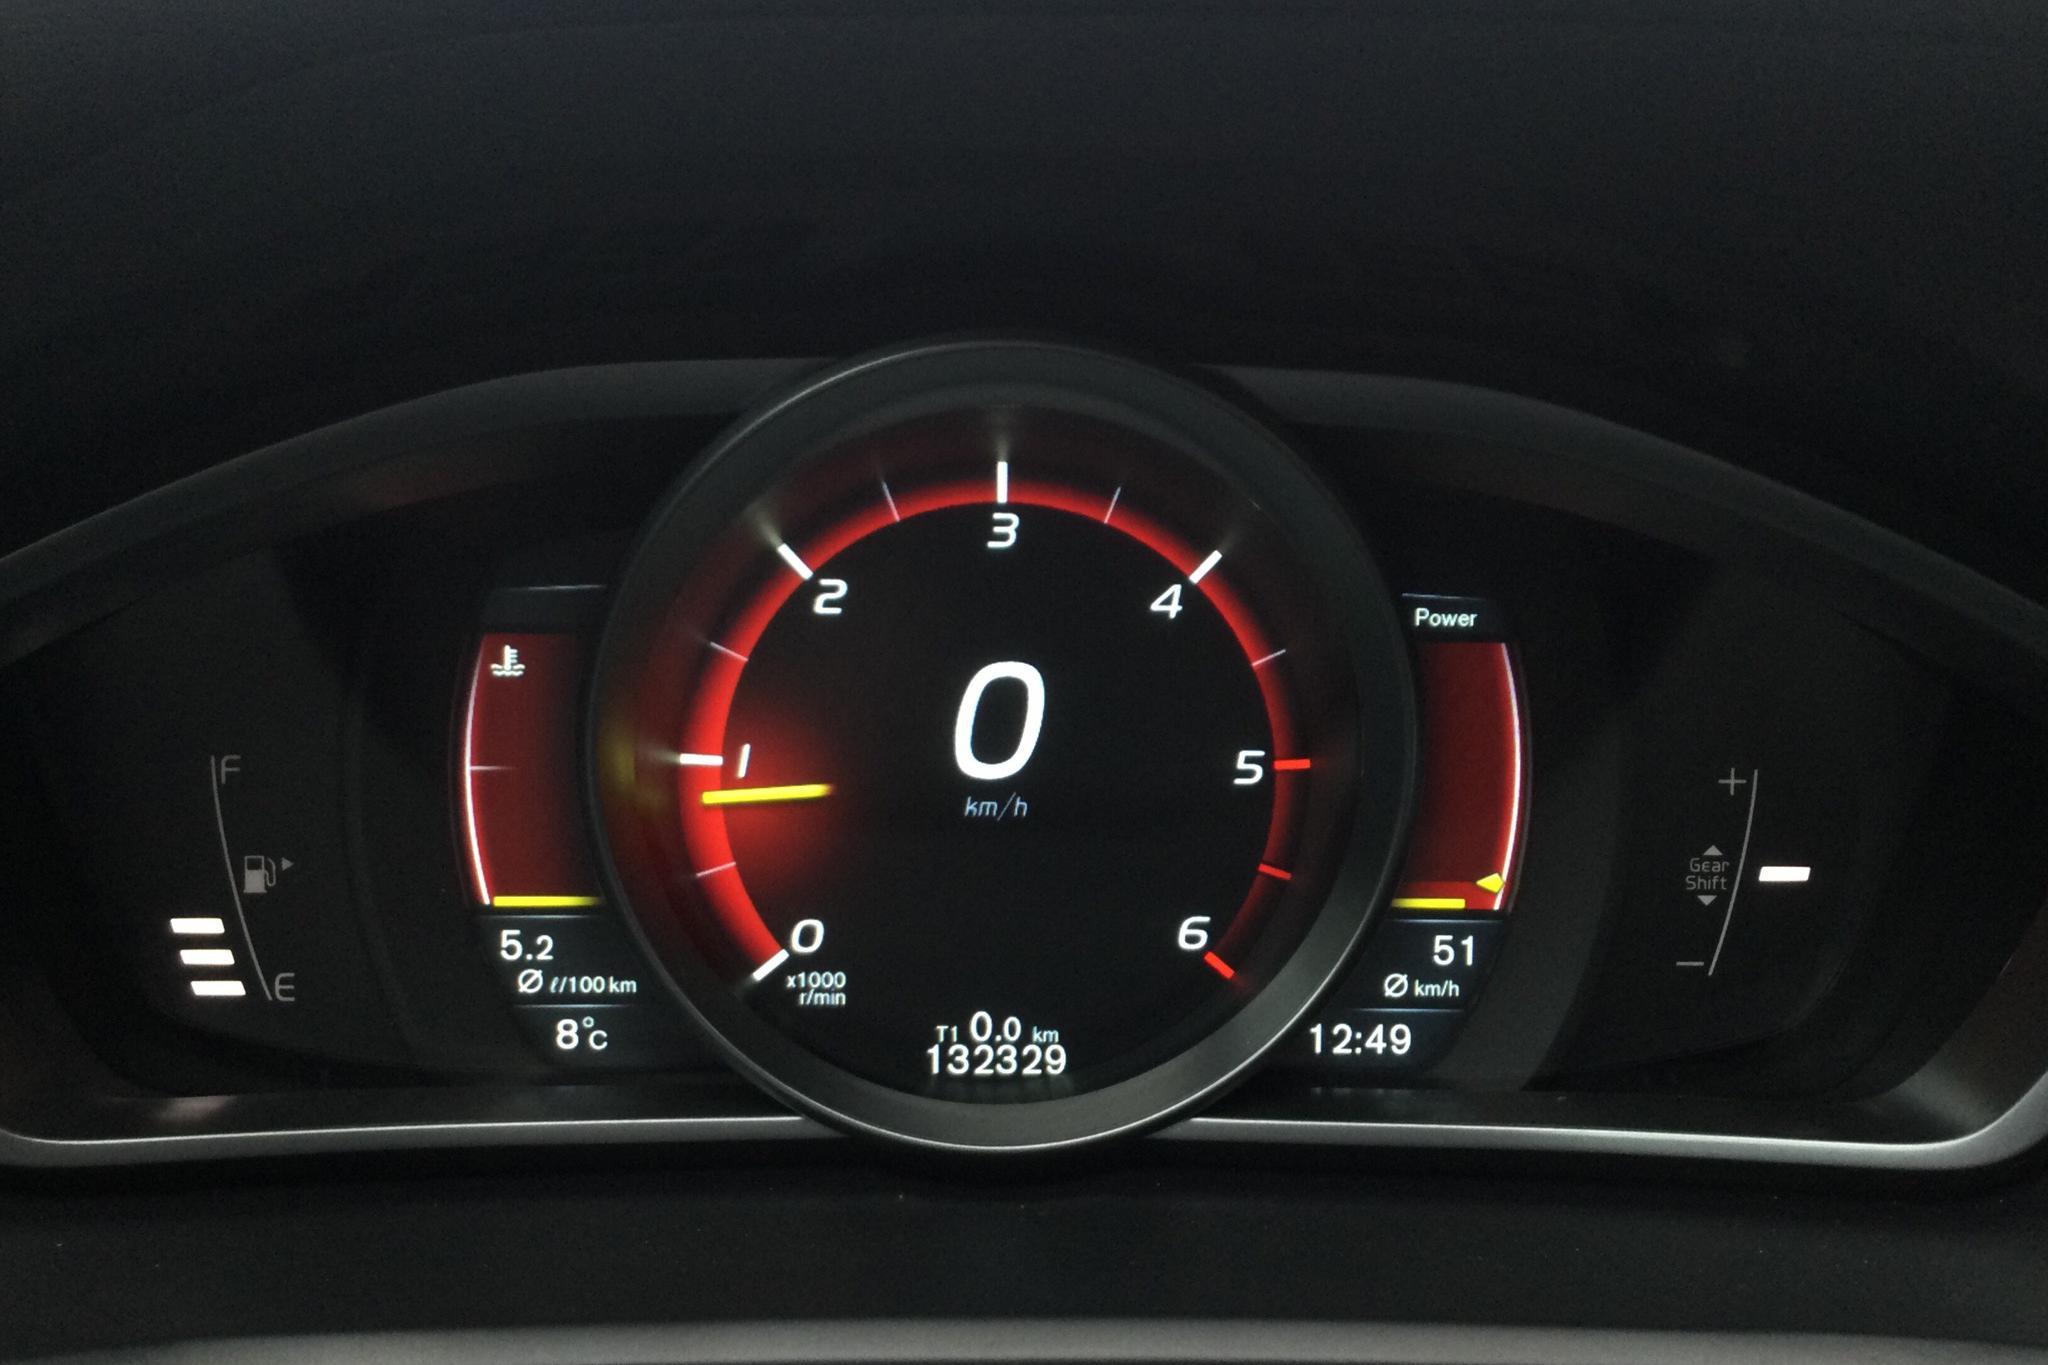 Volvo V40 D4 (190hk) - 132 320 km - Manual - silver - 2015